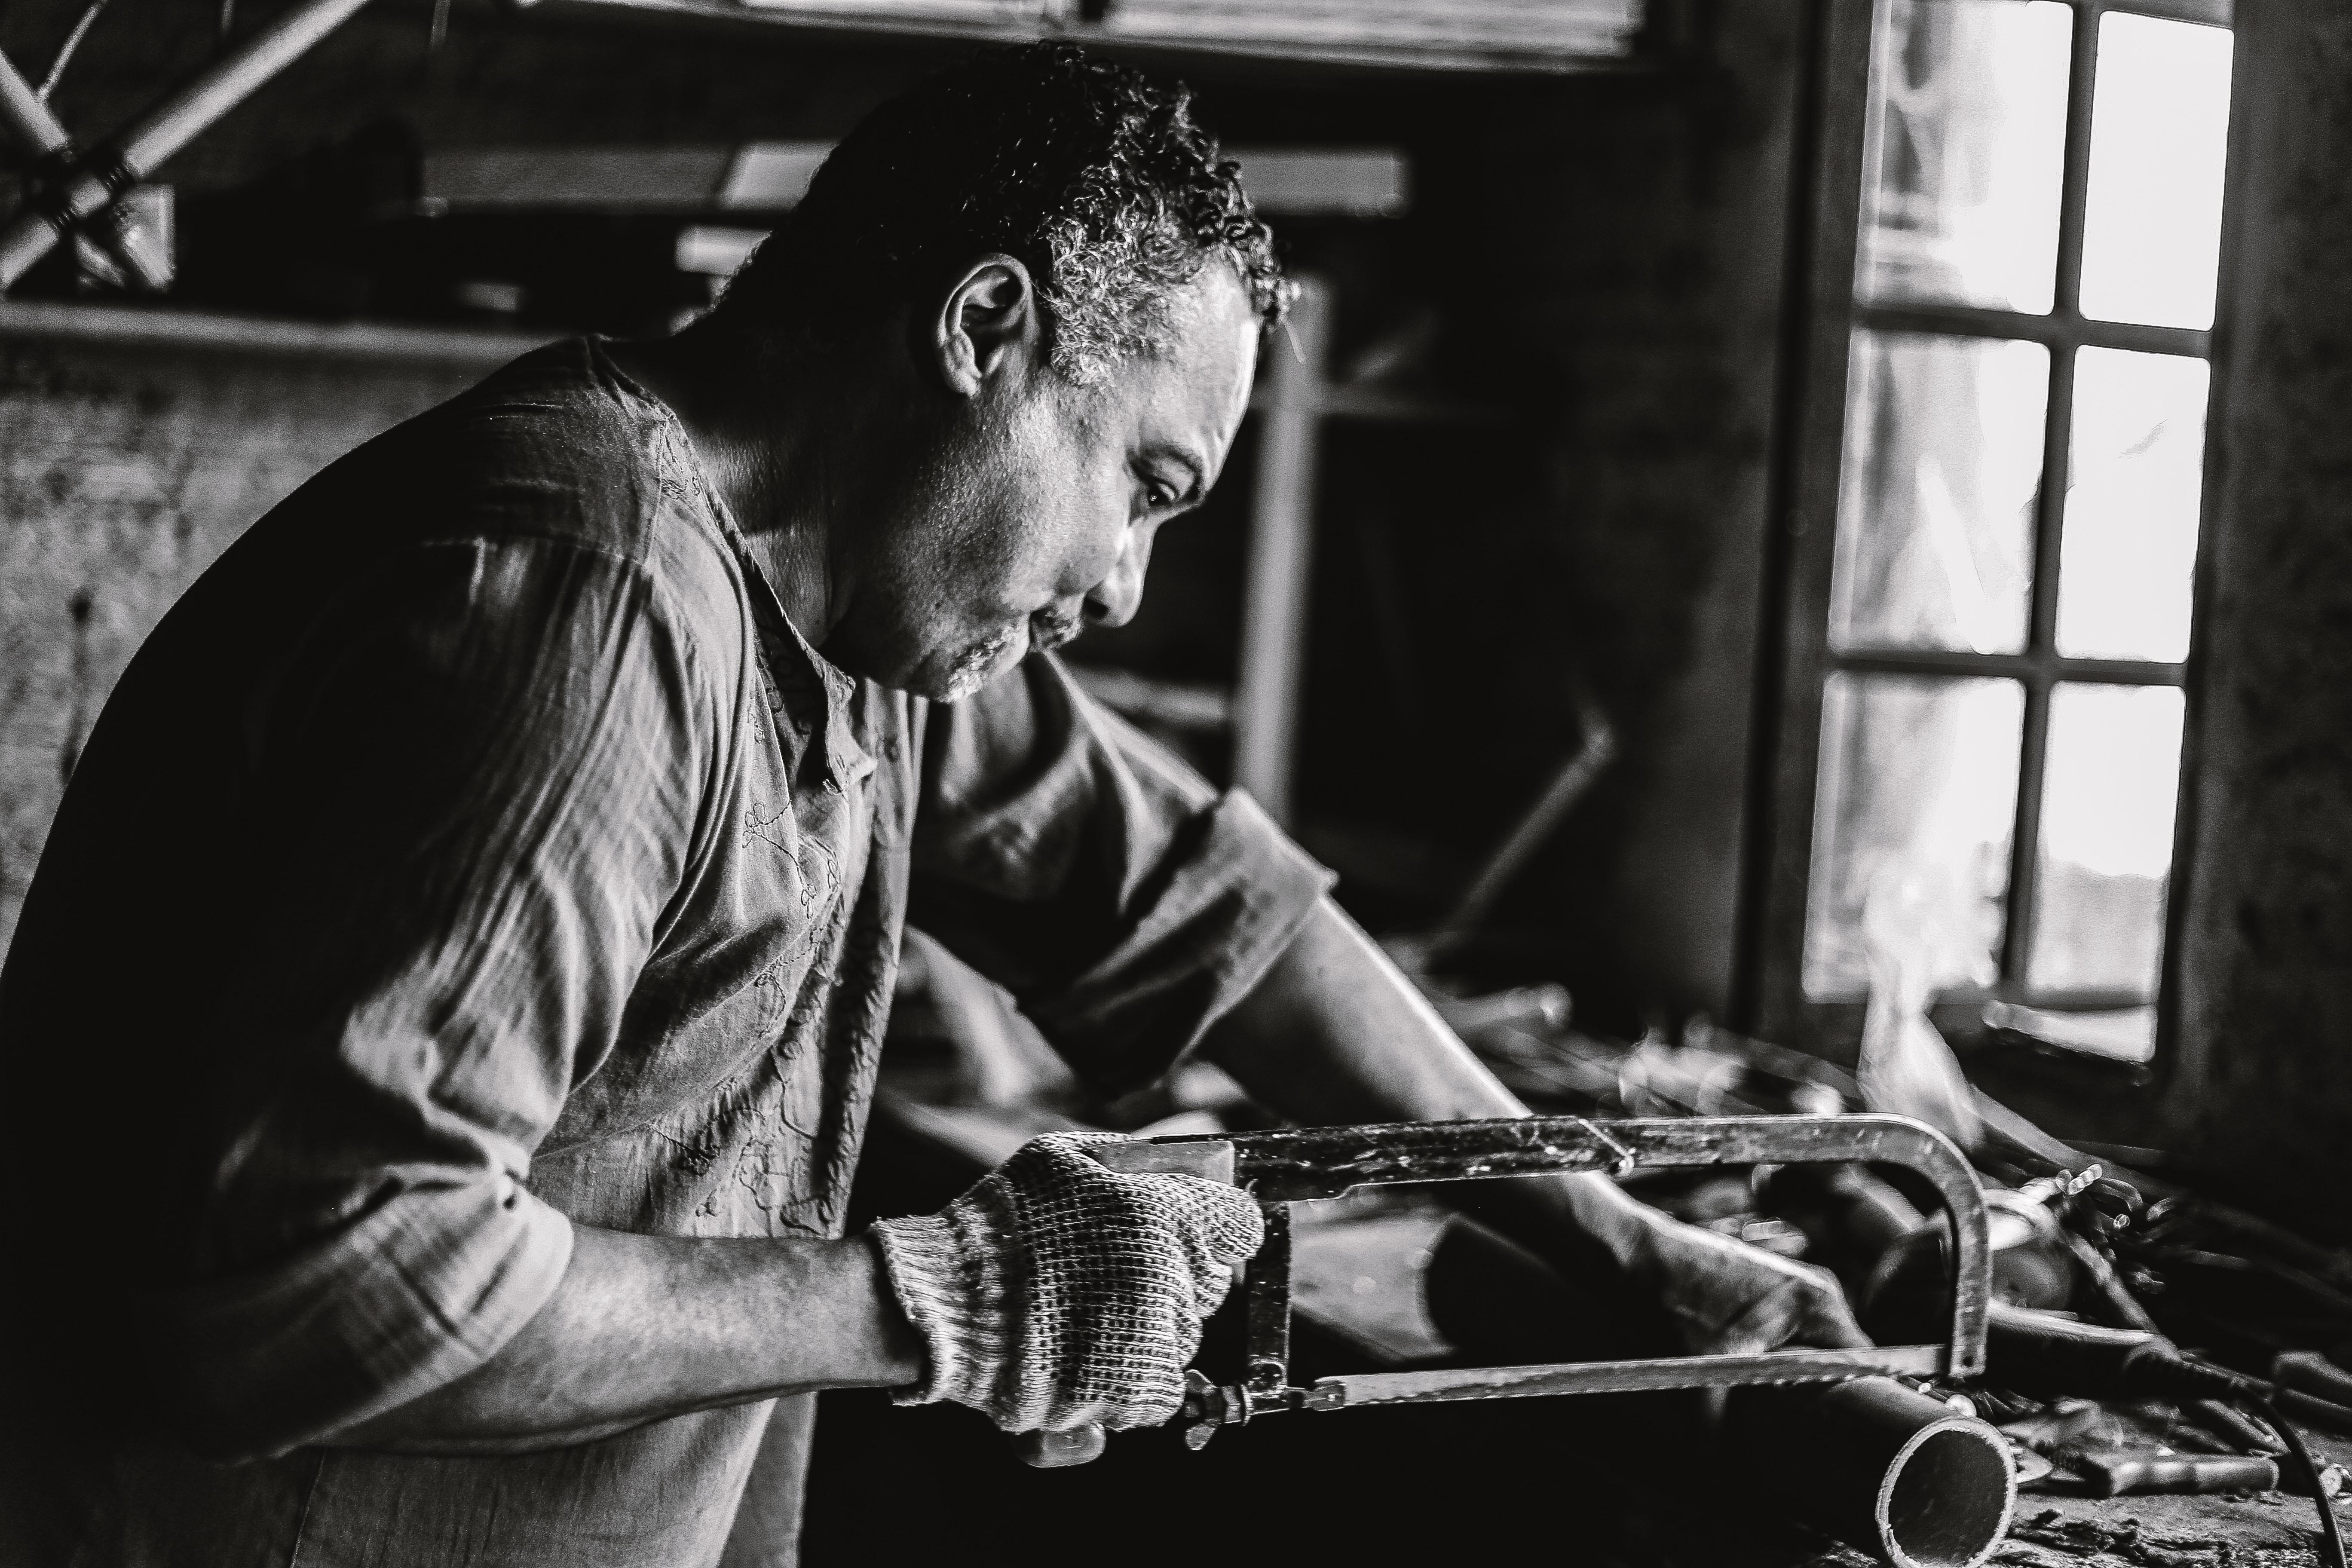 man holding hack saw